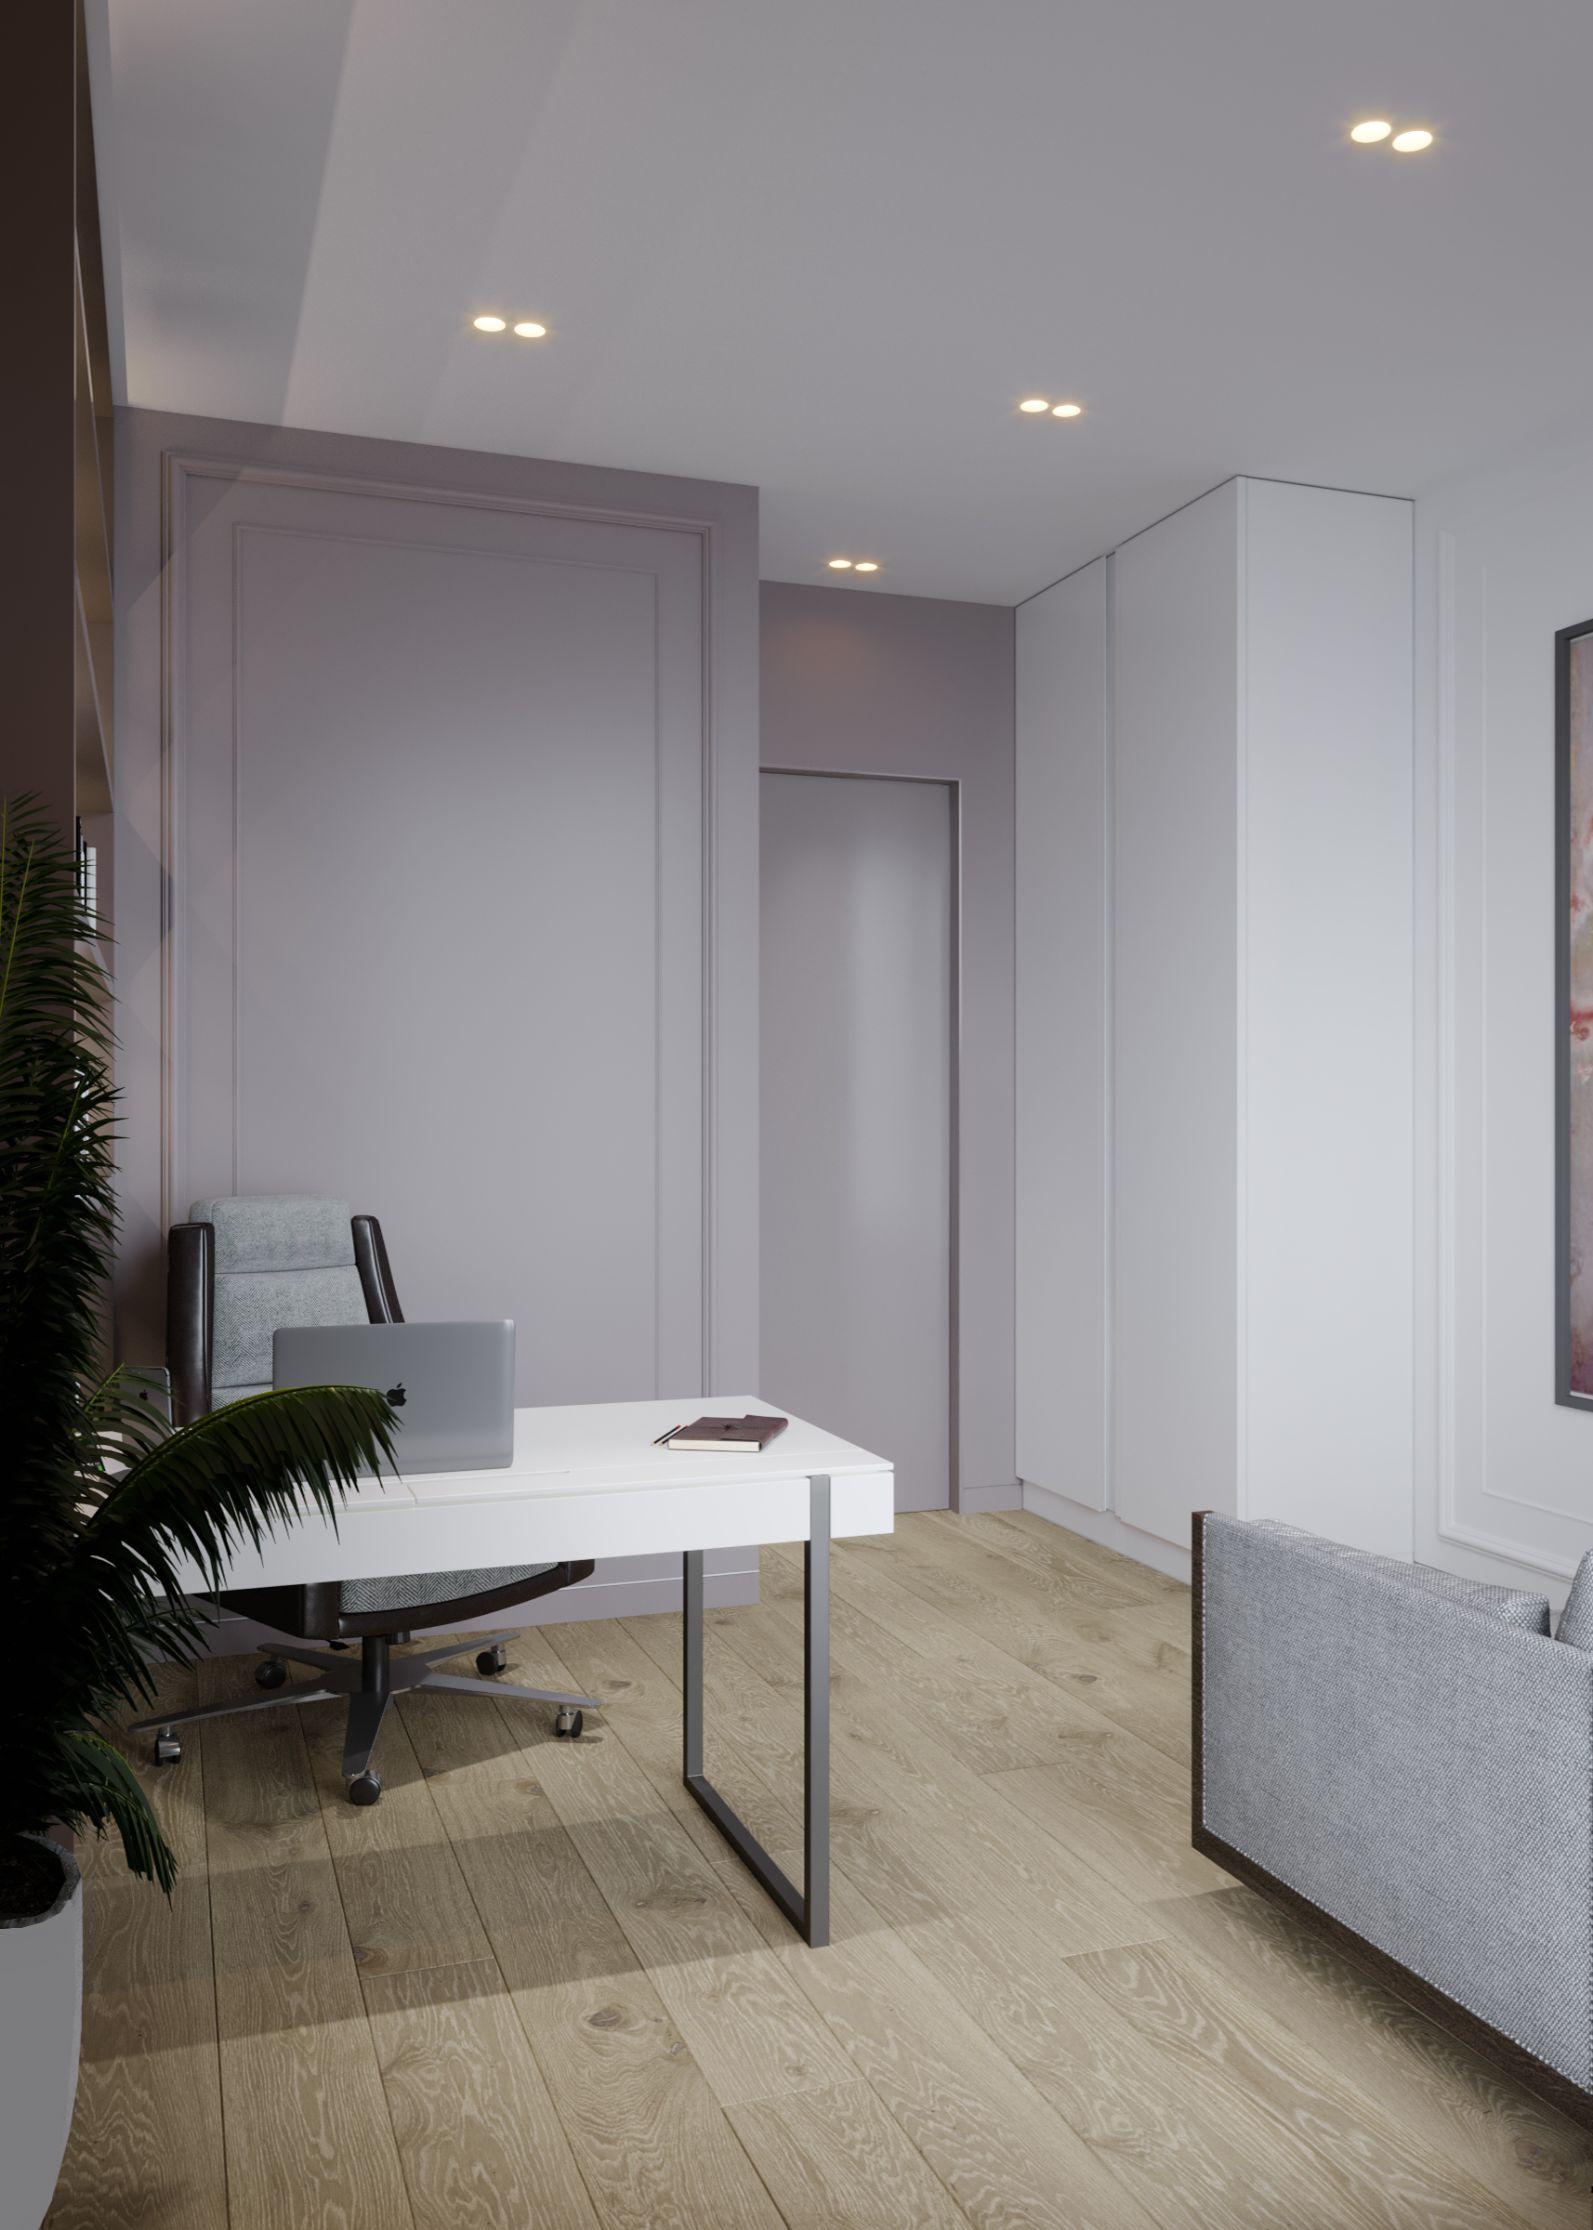 birou design de interior